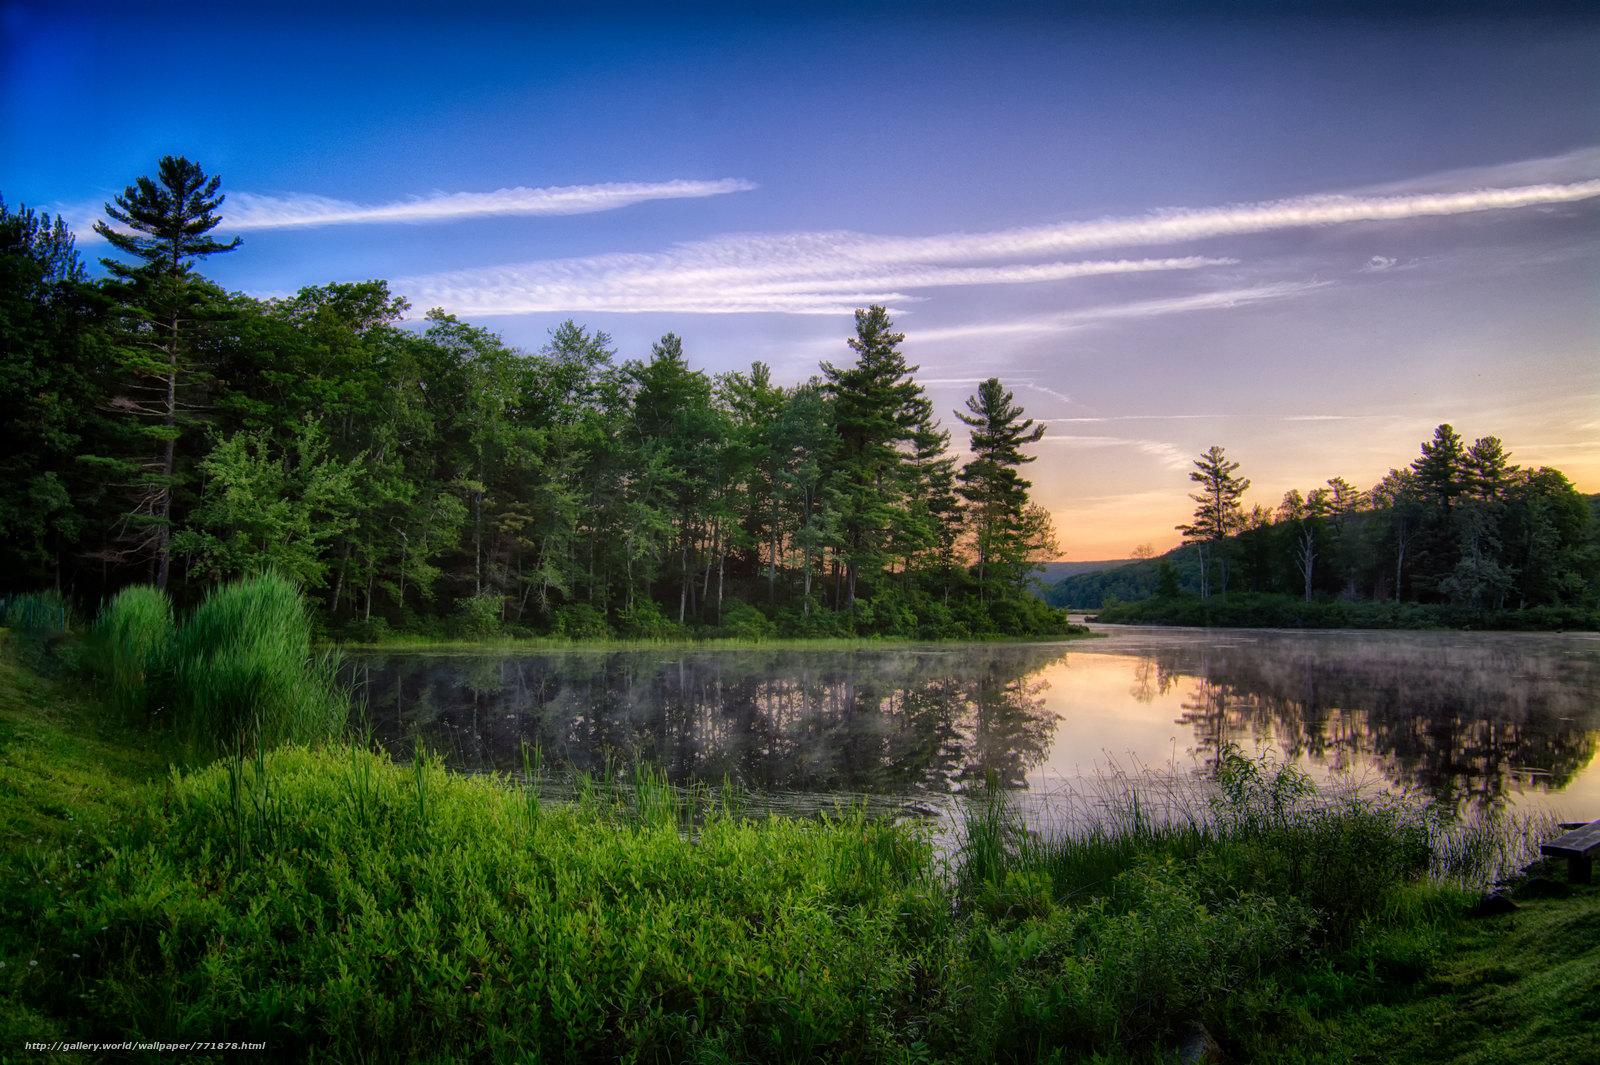 закат, озеро, лес, деревья, пейзаж